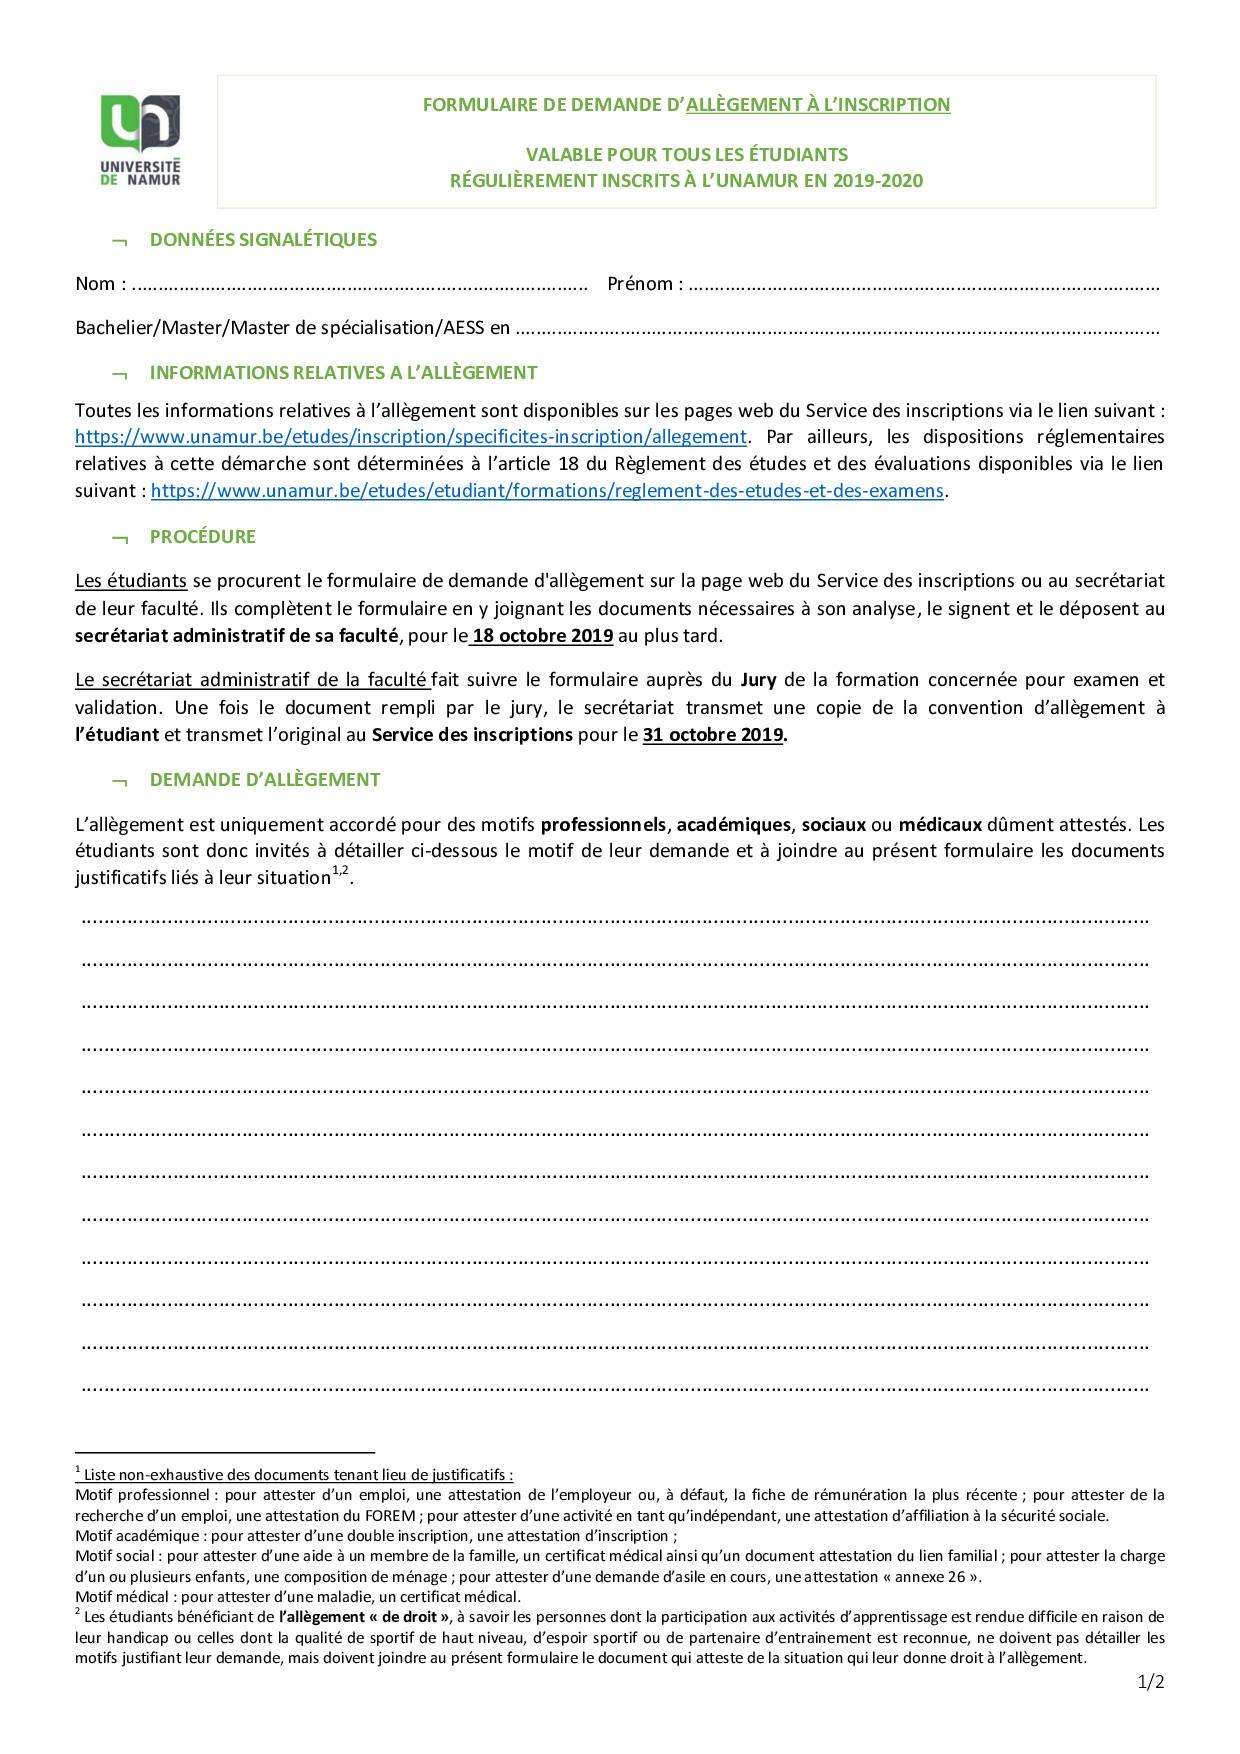 Formulaire AL inscription